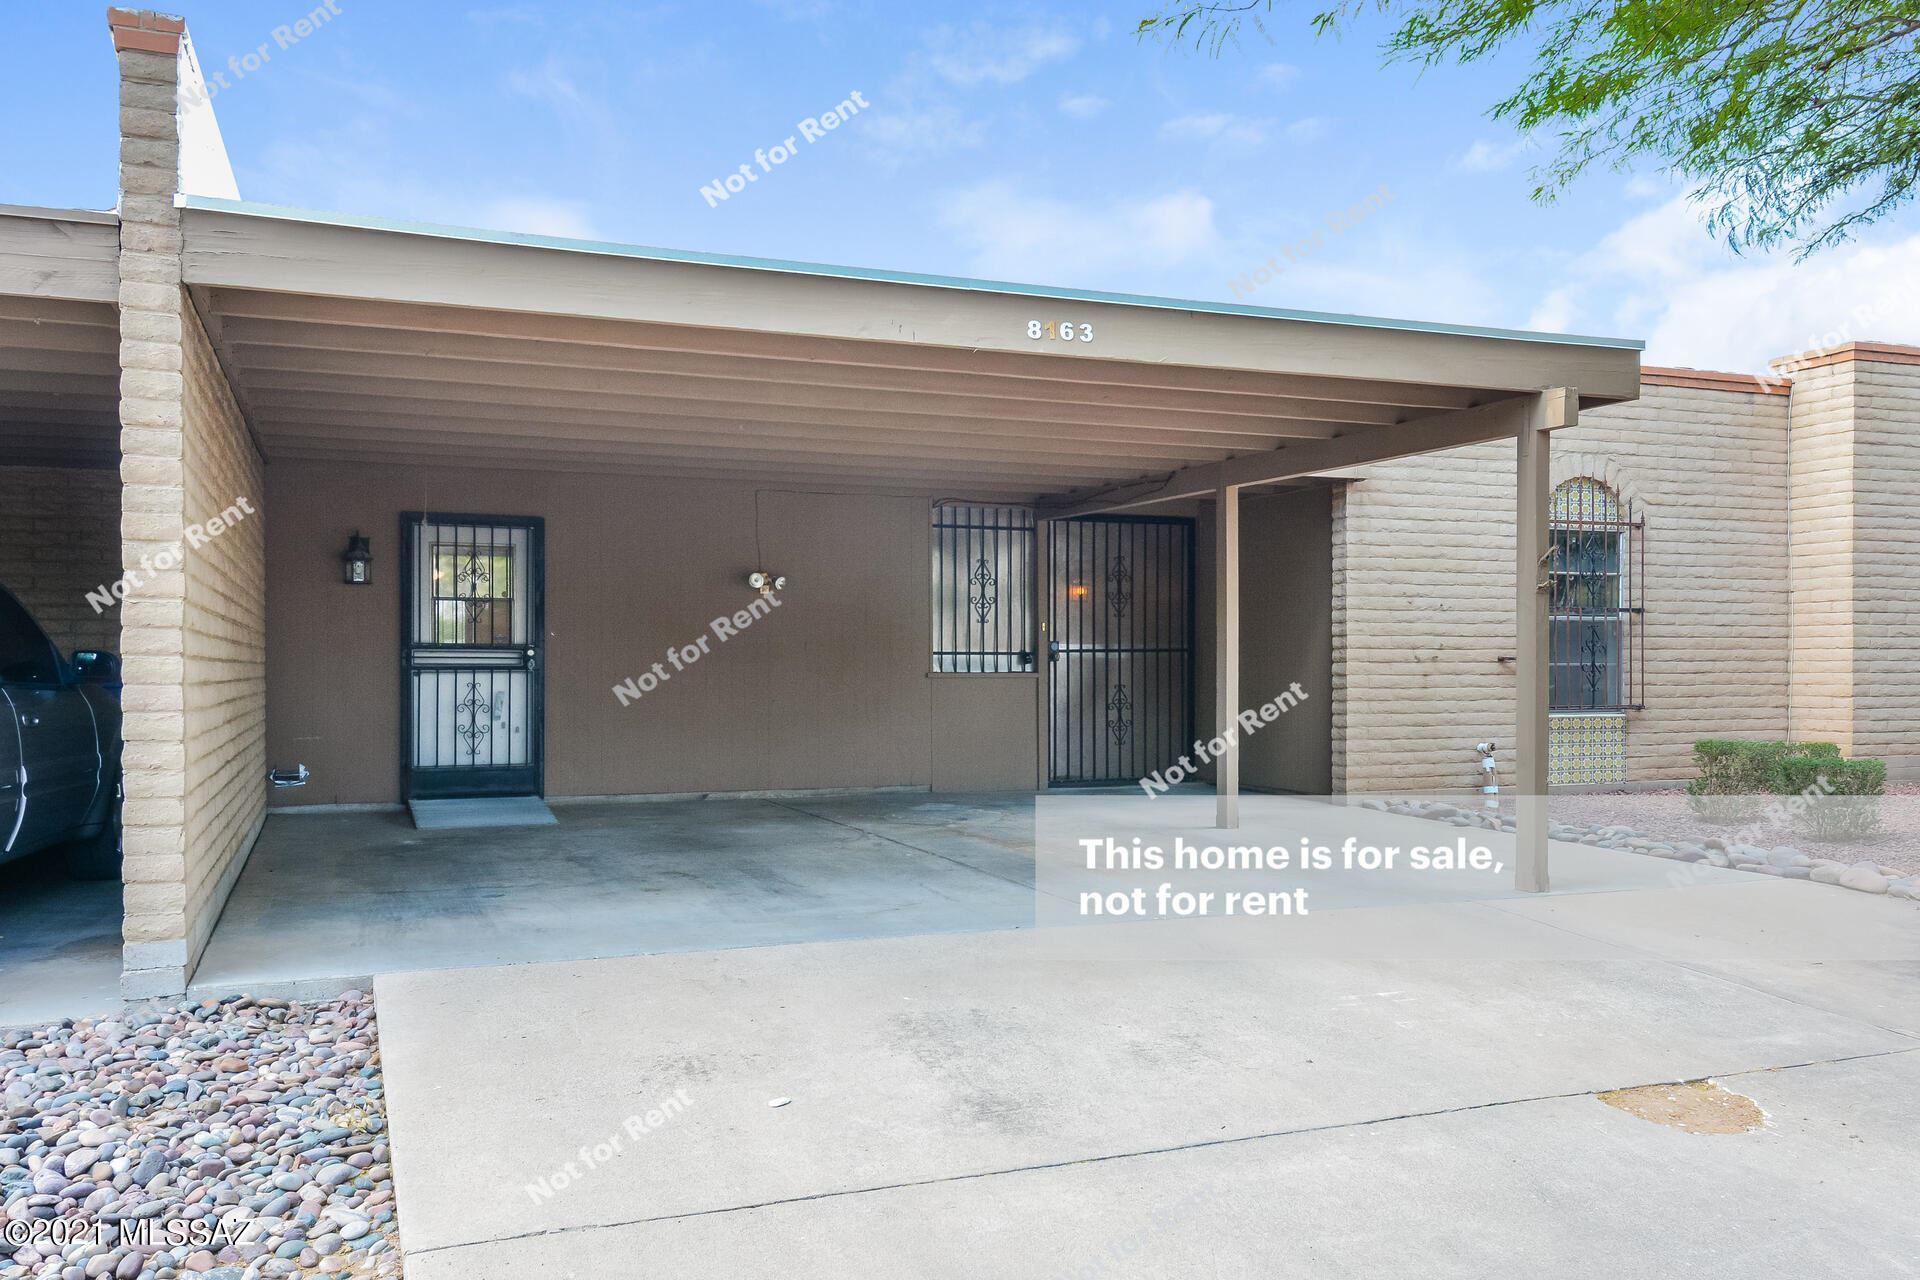 8163 E Estes Lane, Tucson, AZ 85710 - MLS#: 22114505